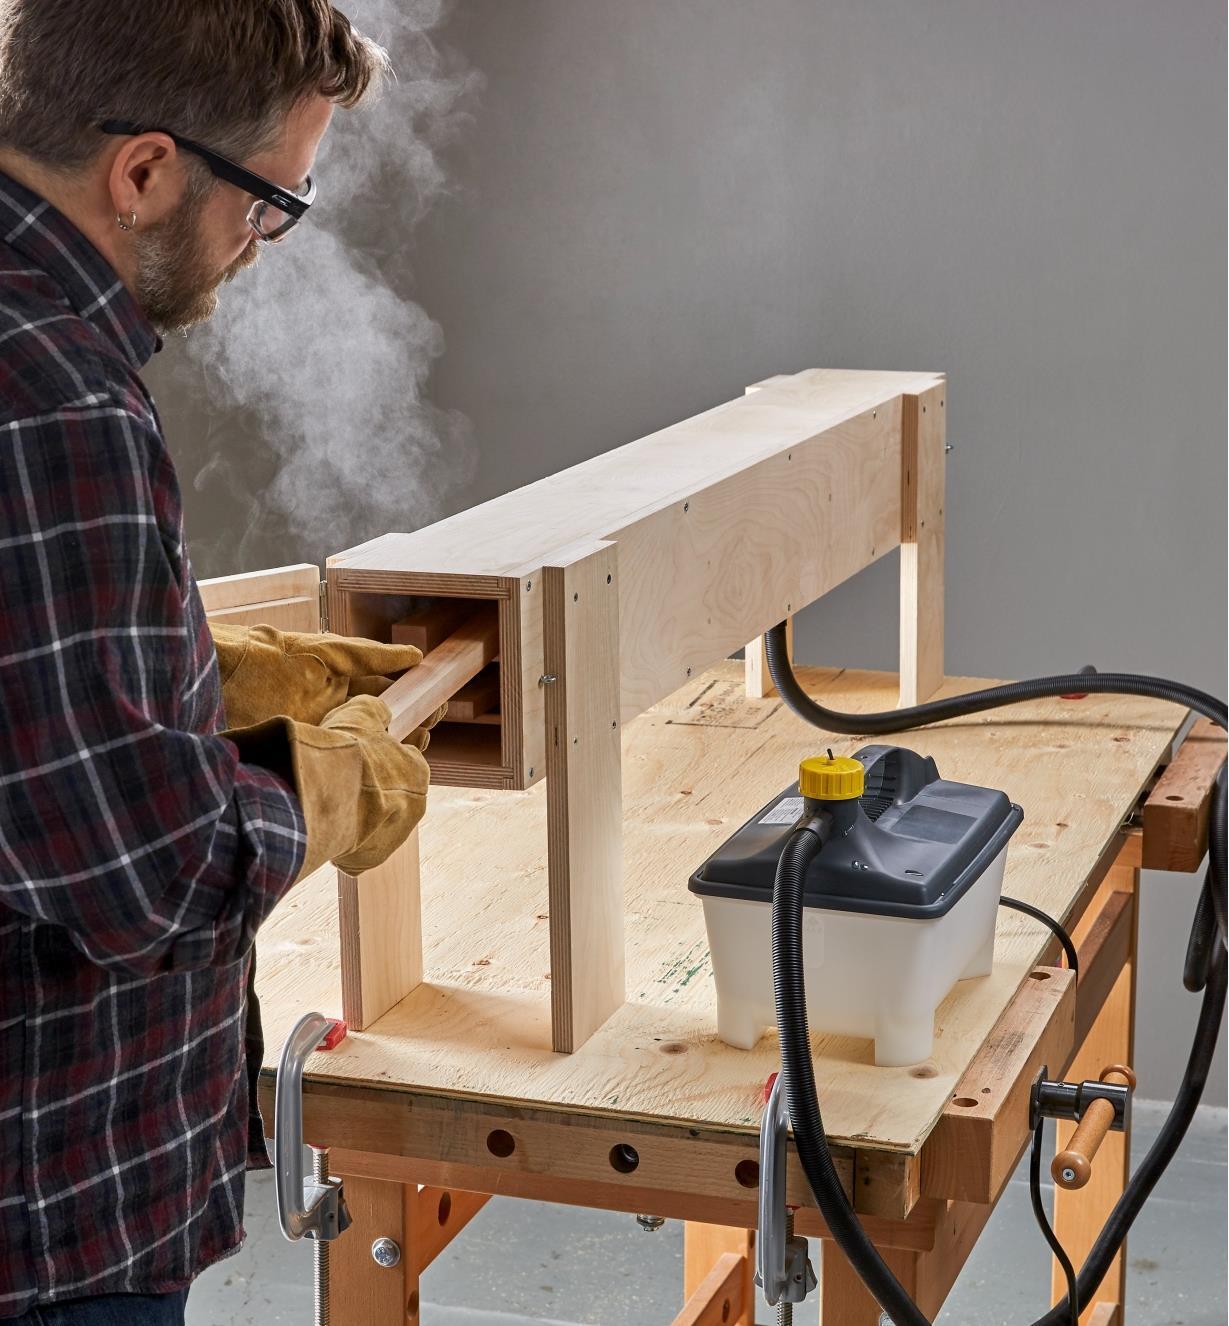 Mise en place d'une pièce de bois dans une étuve reliée à un générateur de vapeur Earlex